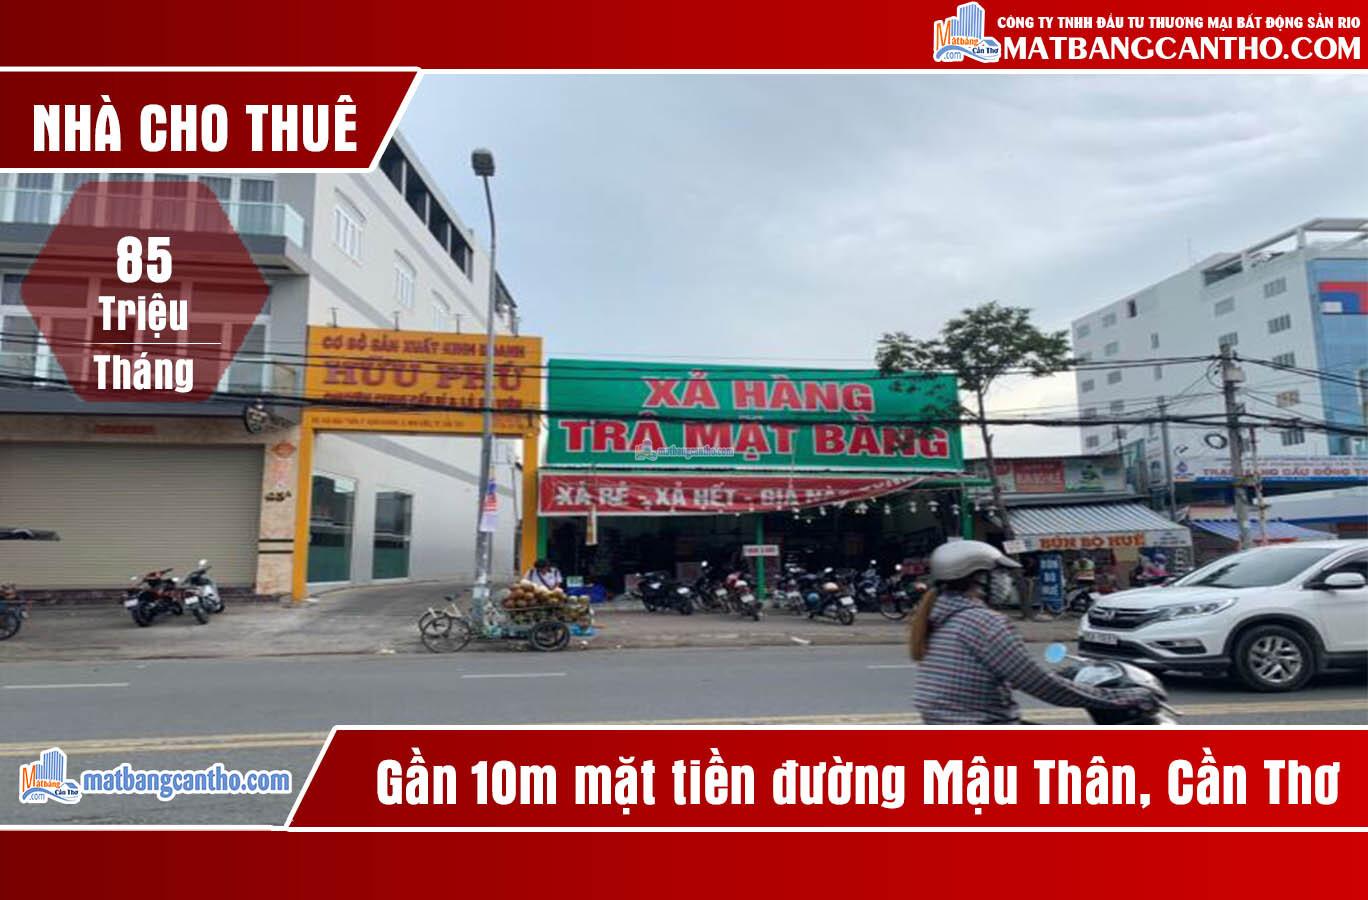 CHO THUÊ NHÀ – Mặt Bằng Ngang 9,5m Mặt Tiền Đường Mậu Thân, P.Xuân Khánh, Q.Ninh Kiều, Tp Cần Thơ.